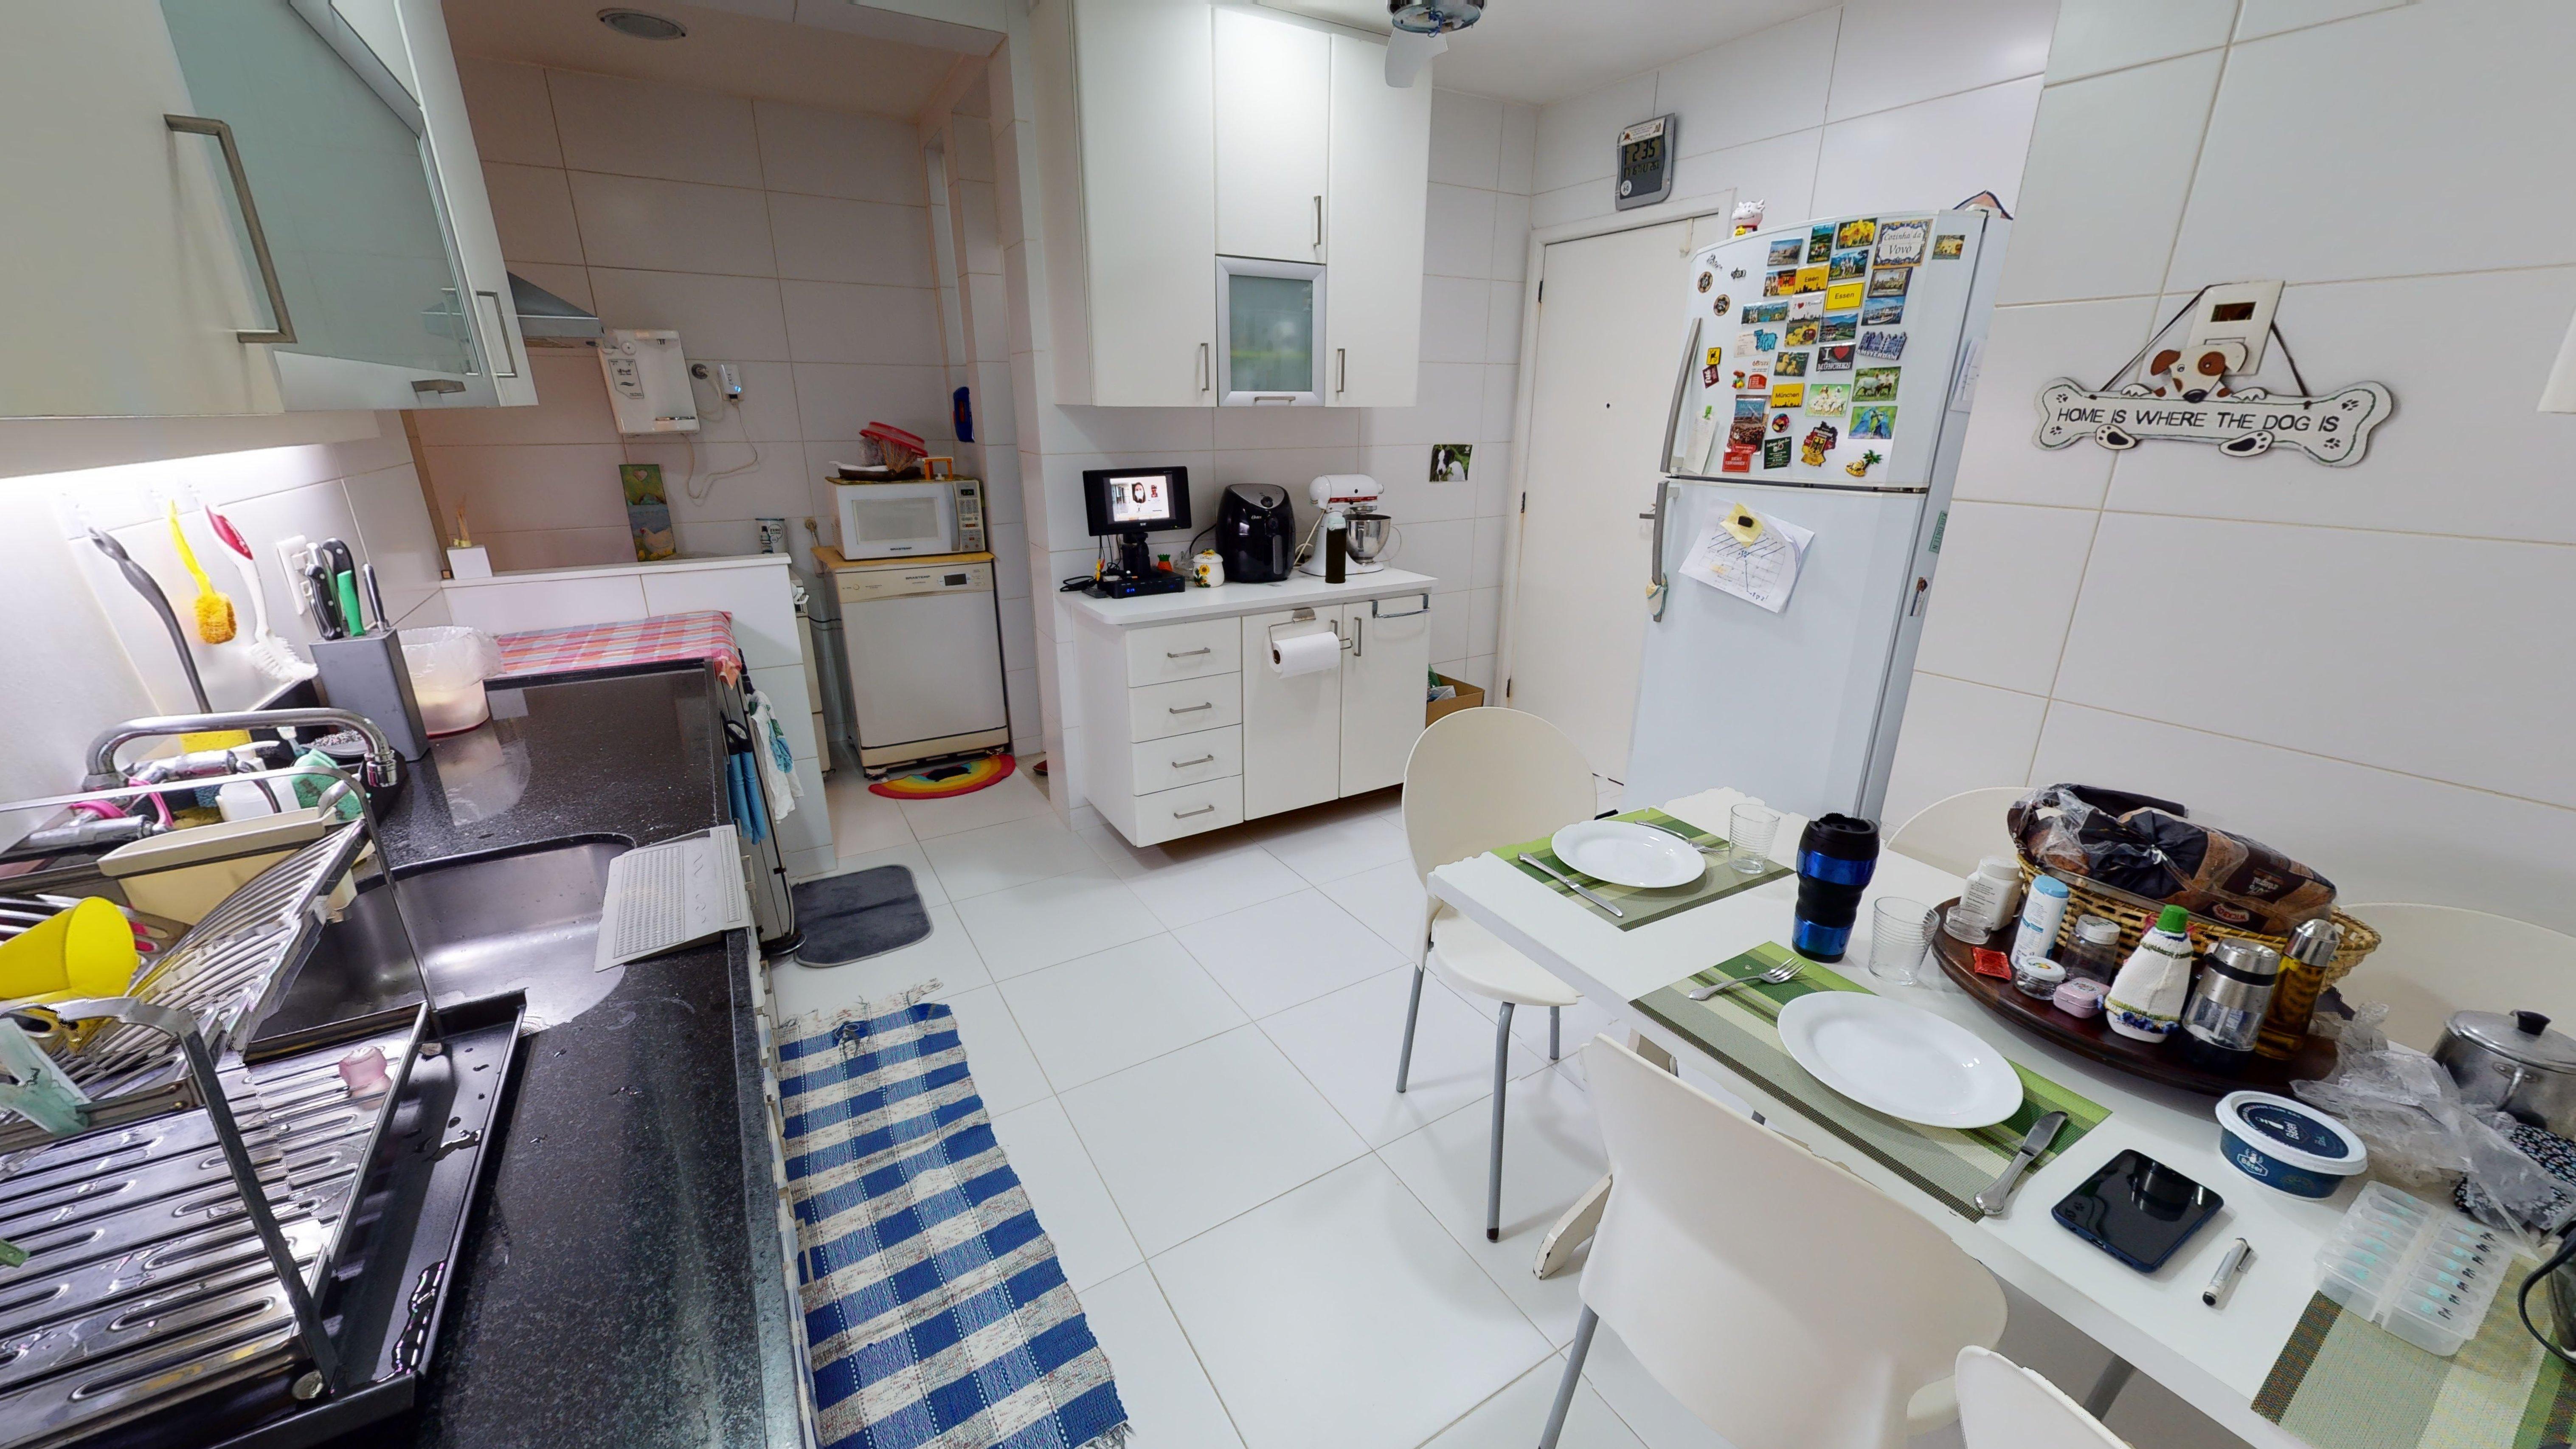 Foto de Cozinha com garrafa, forno, geladeira, cadeira, microondas, xícara